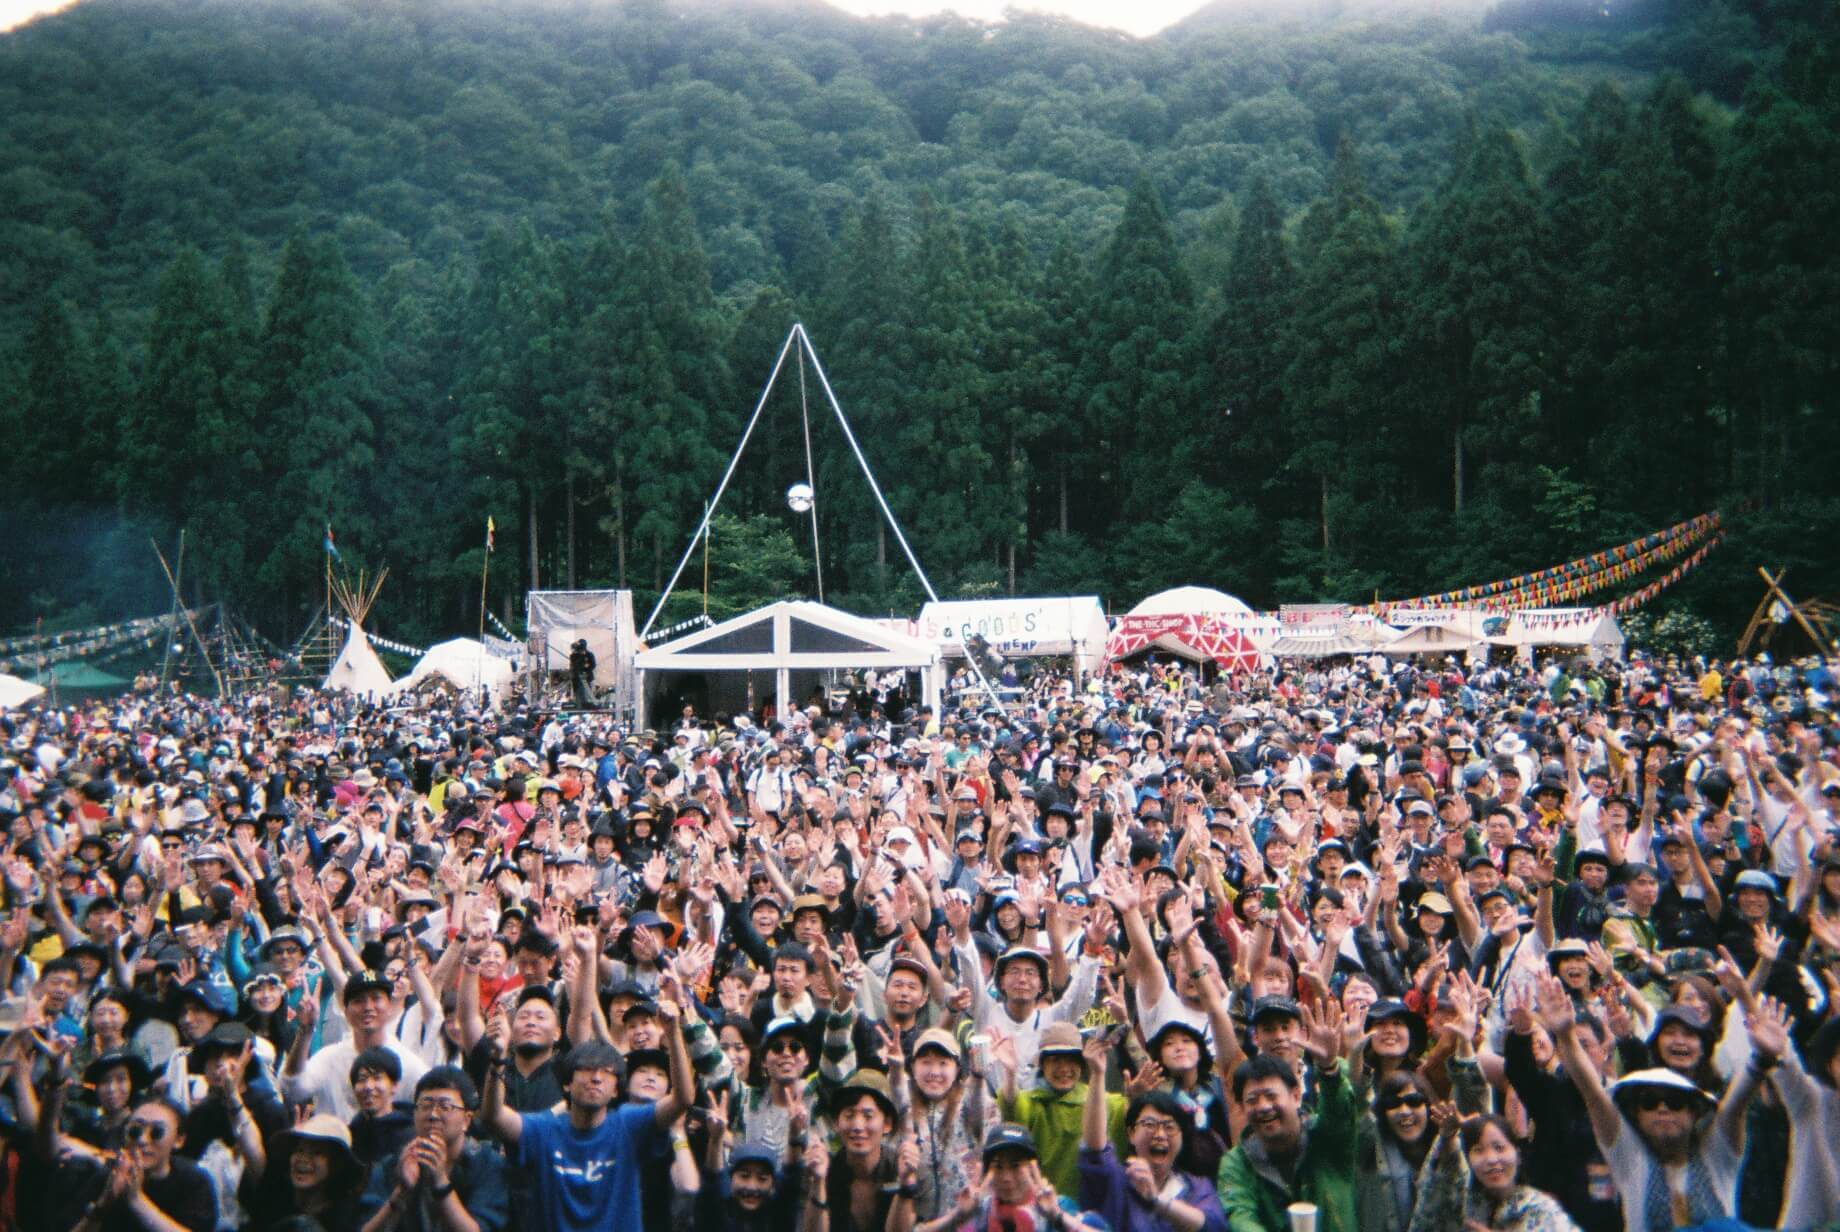 フェスレポート|蓮沼執太フィルが切り取る<FUJI ROCK FESTIVAL'19> music190808_frf_hasunumashutafill_09.jpg